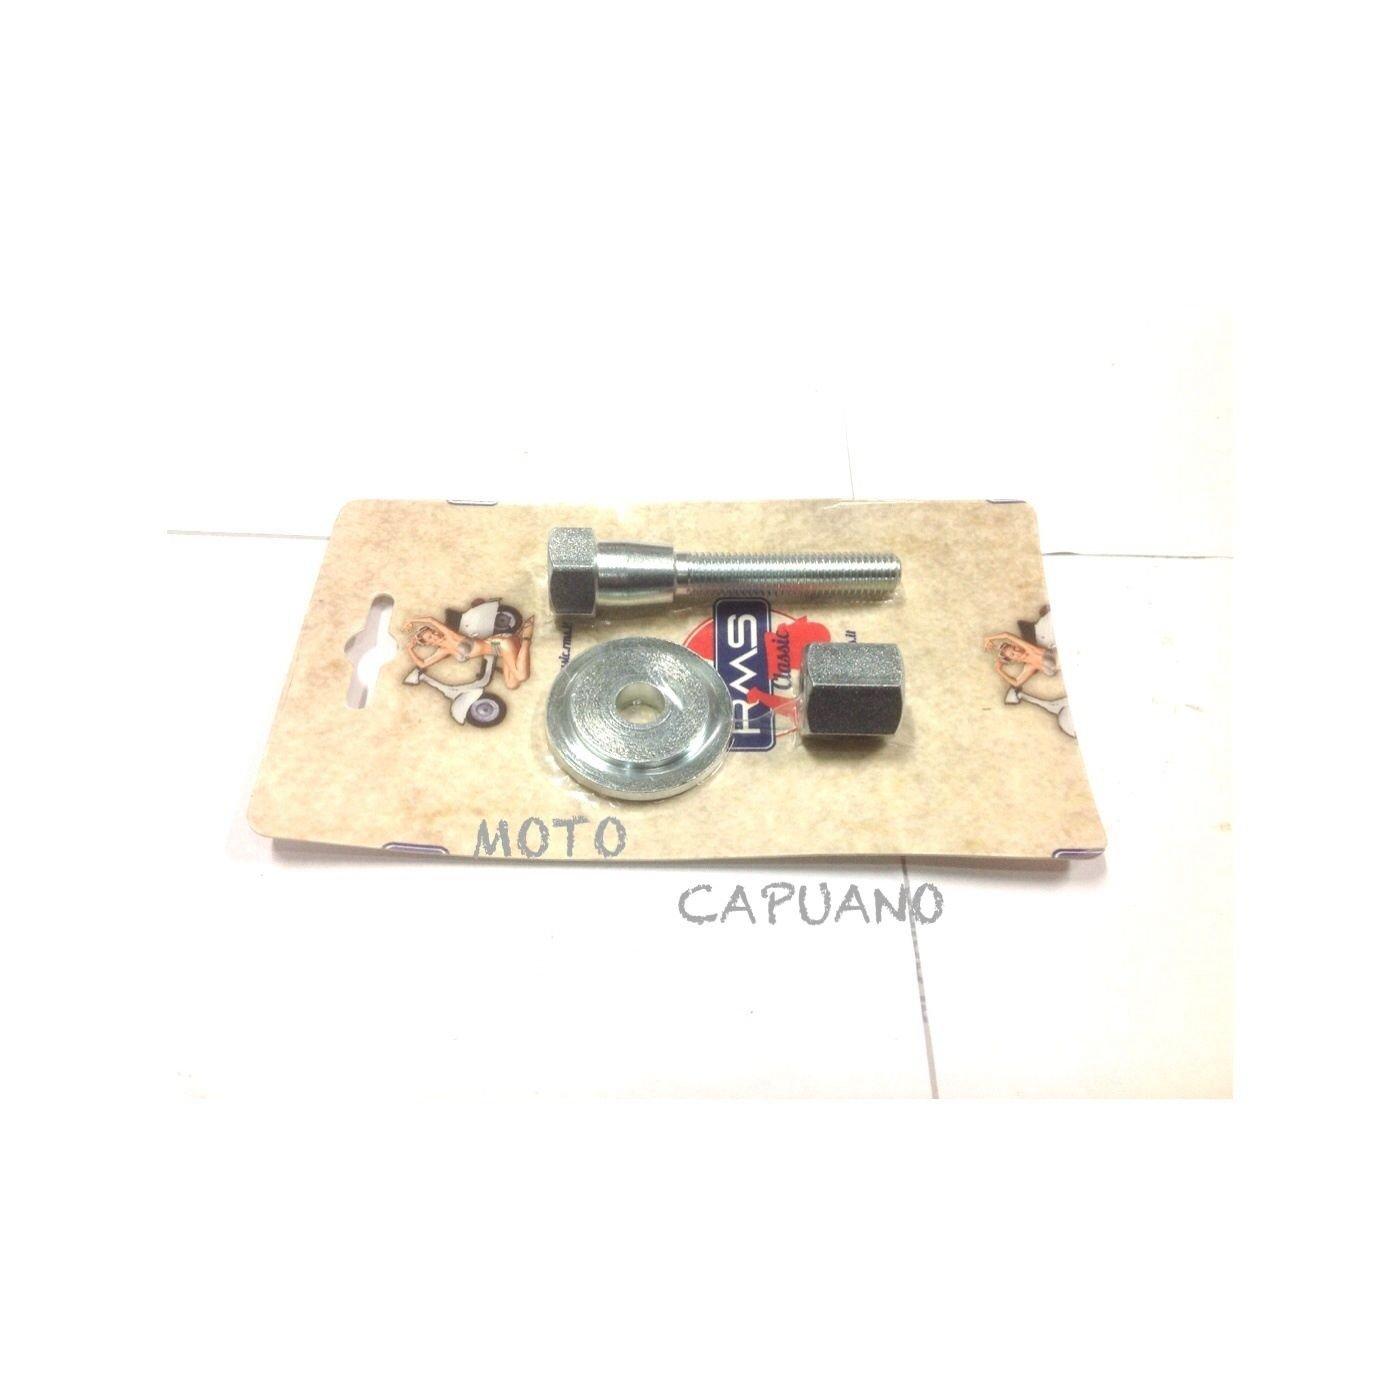 Extractor Desmontaje comprimere embrague Vespa 50 125: Amazon.es: Coche y moto